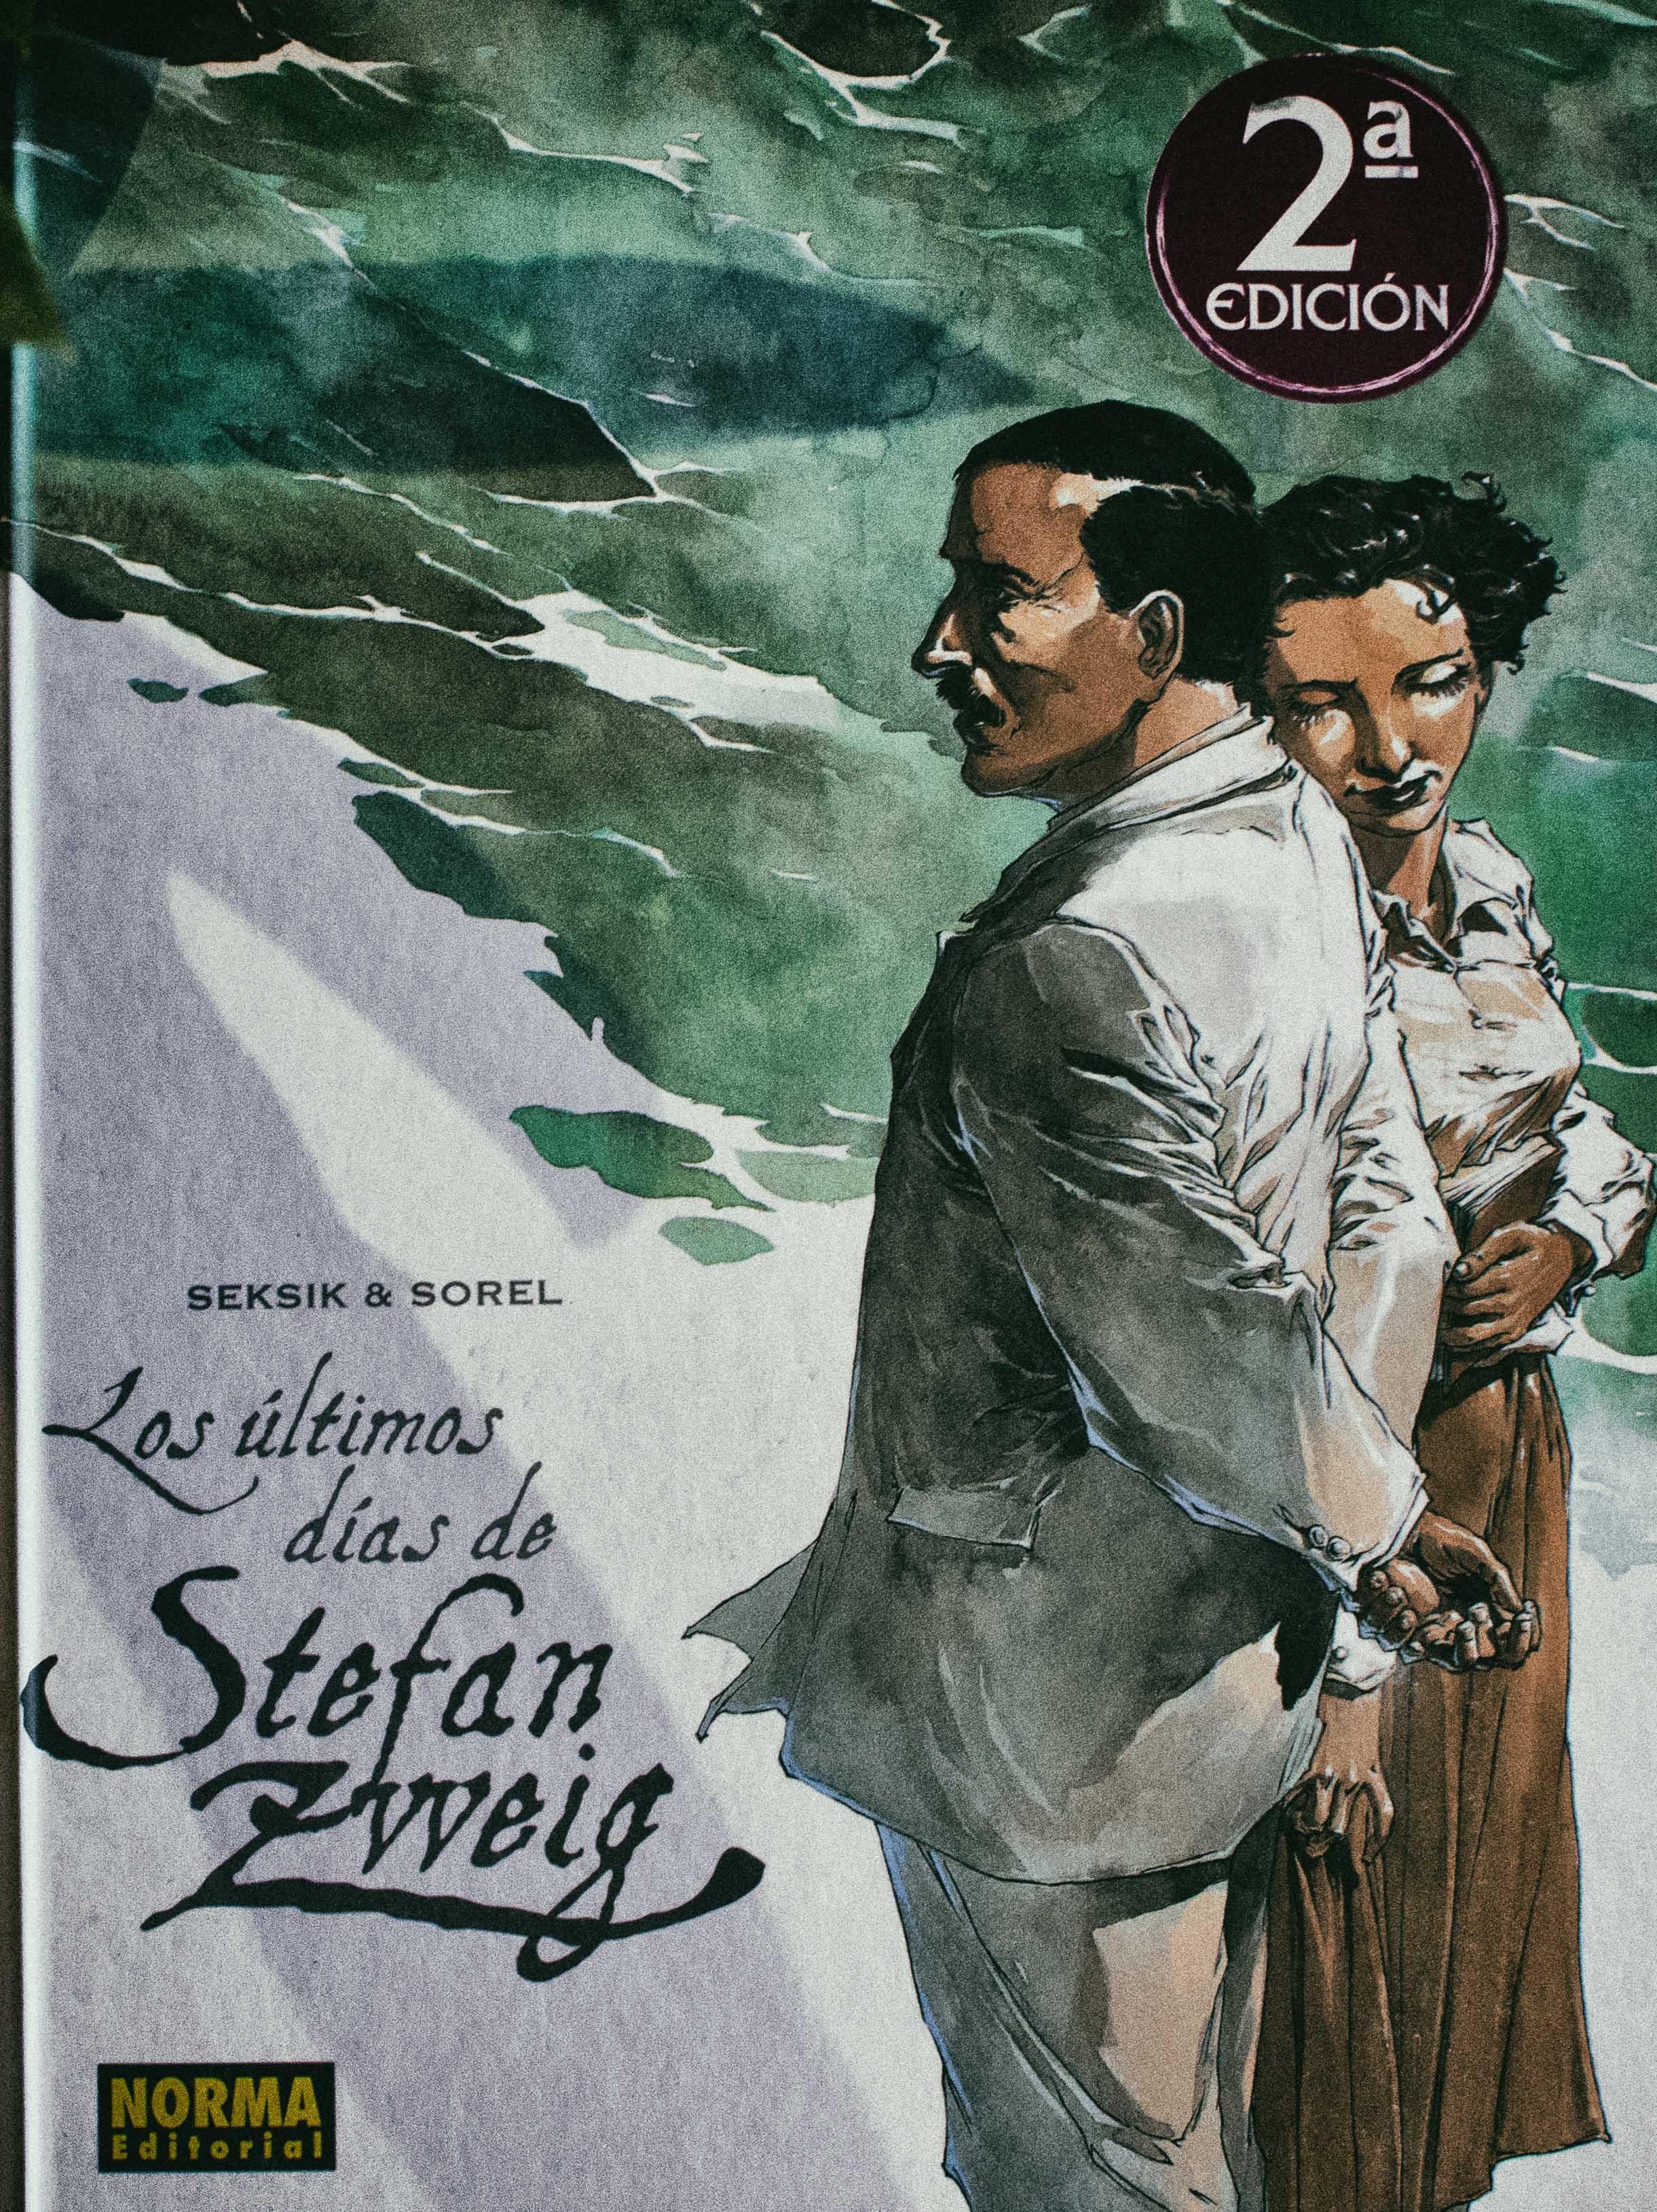 Los últimos dias de Stefan Zweig